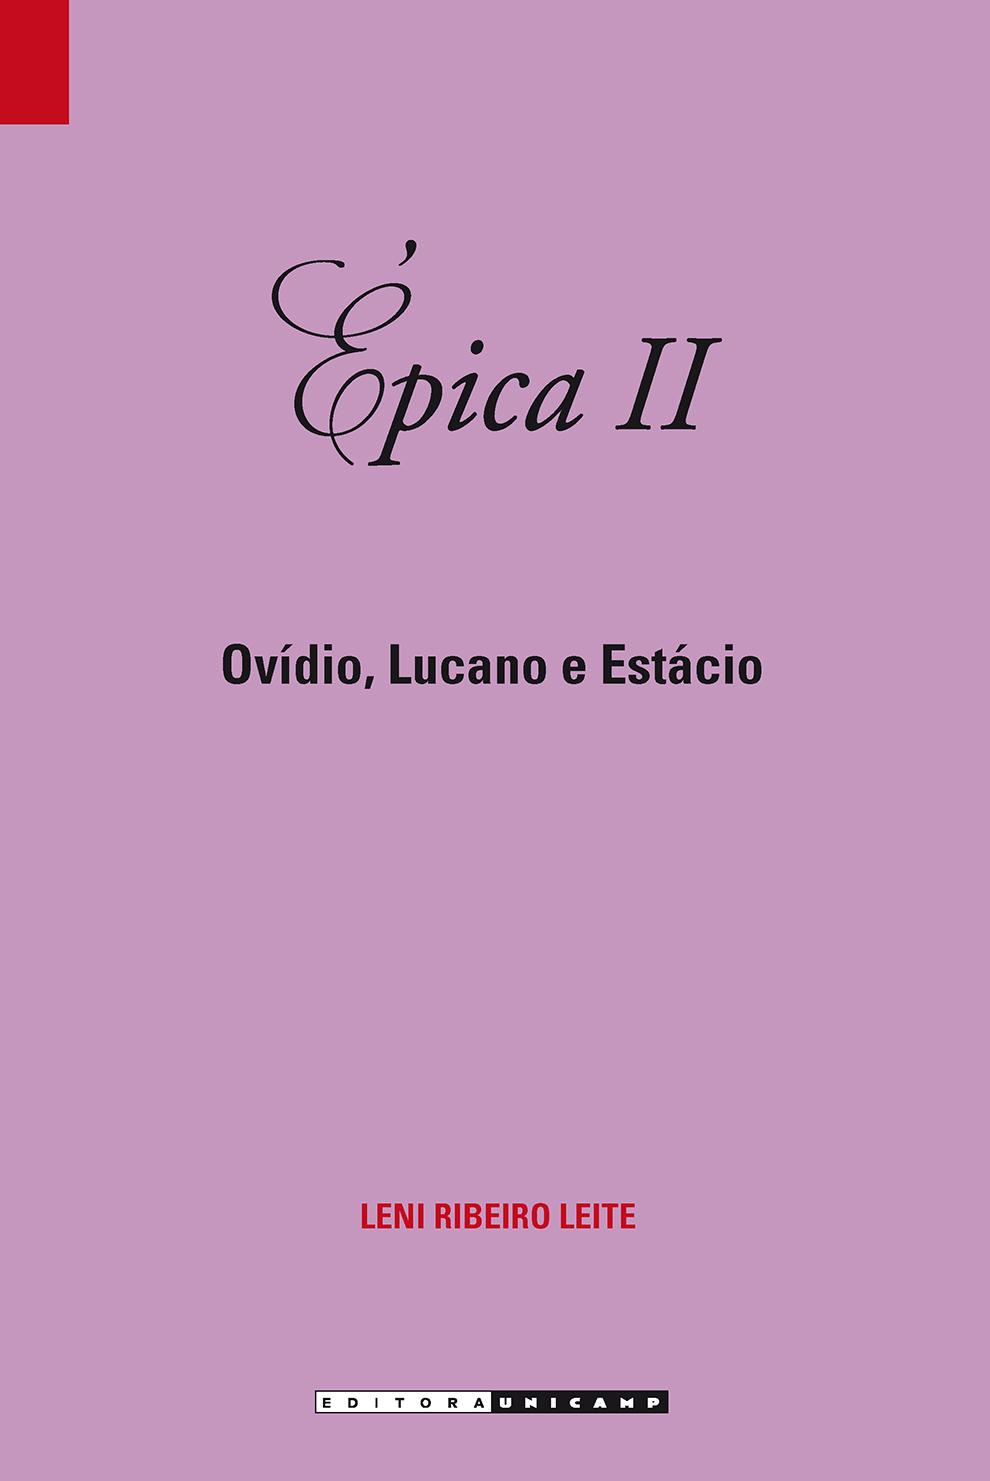 Épica II - Ovídio, Lucano e Estácio, livro de Leni Ribeiro Leite